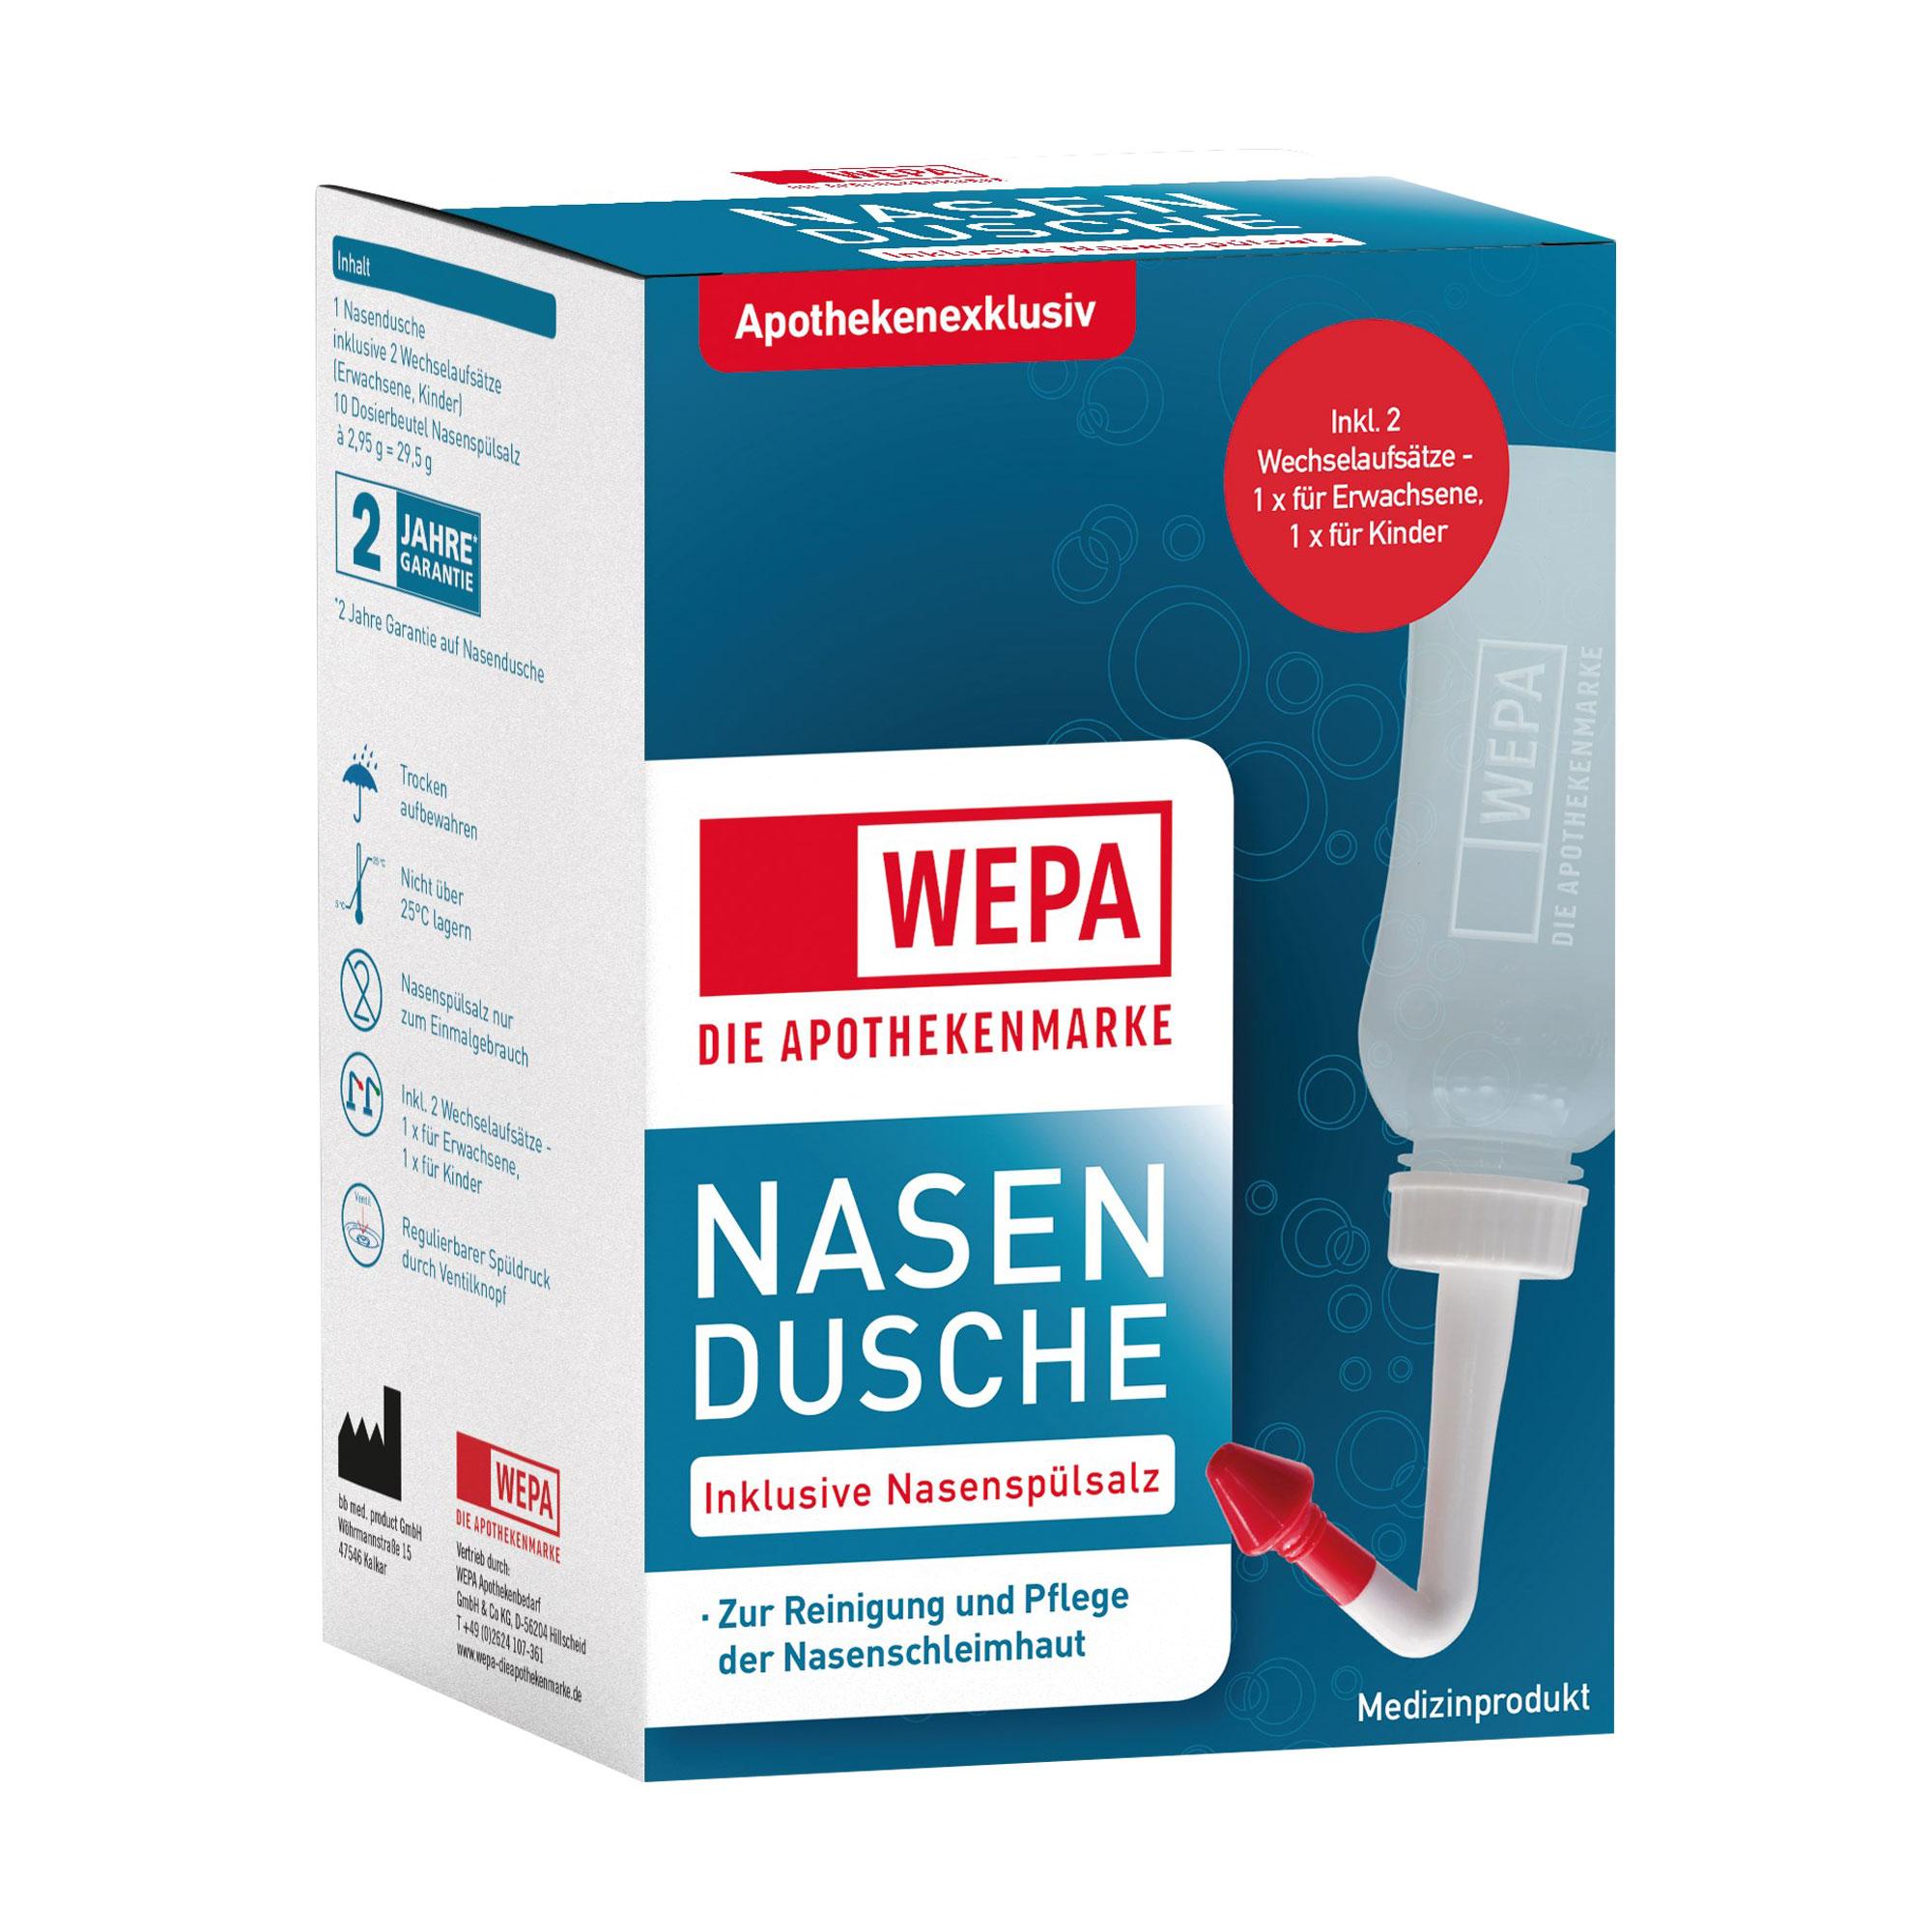 Wepa Nasendusche mit 10 Beuteln Nasenspülsalz